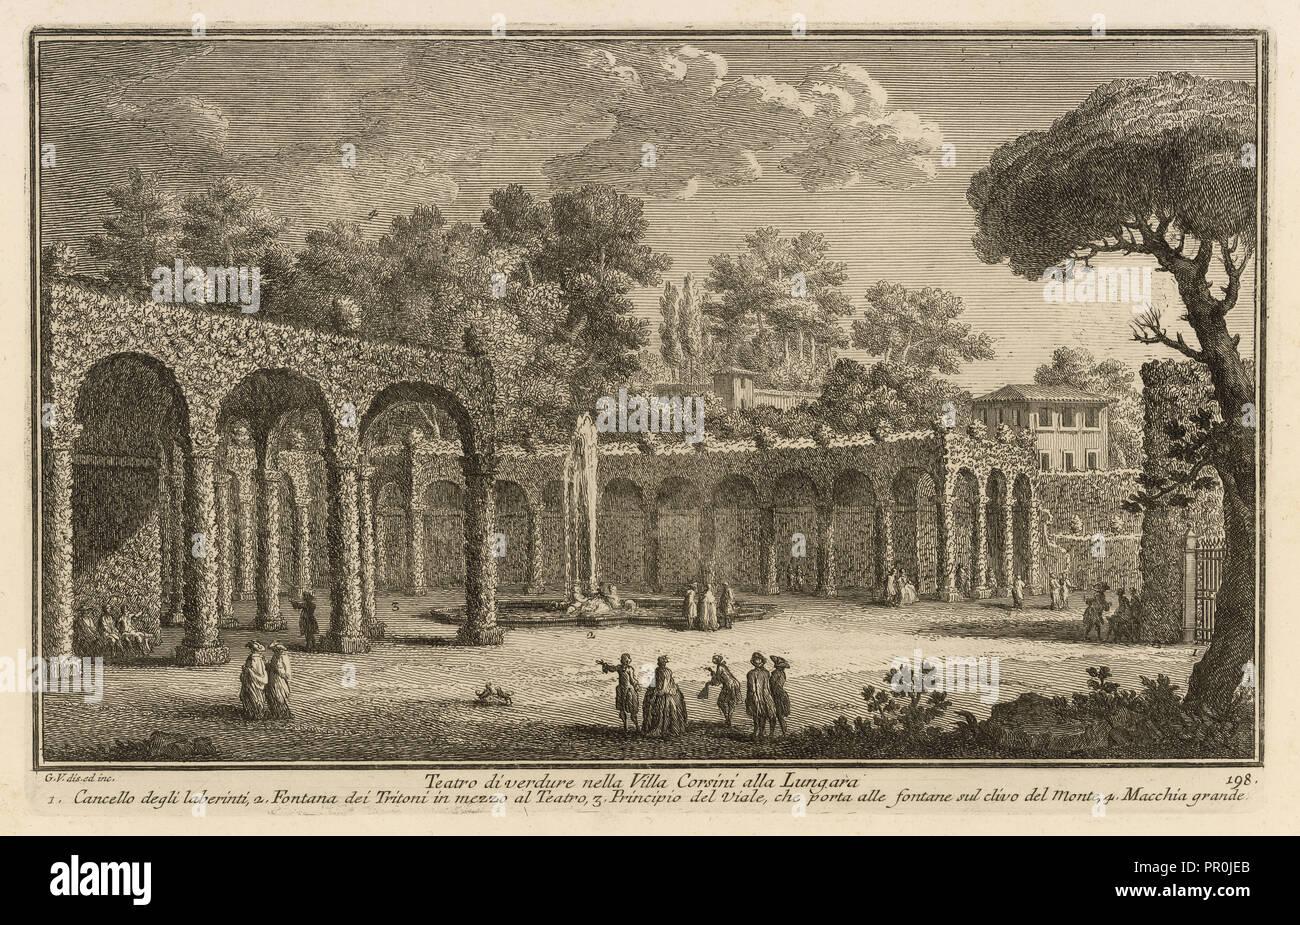 Teatro di verdure nella Villa Corsini alla Lungara, Delle magnificenze di Roma Antica e moderna, Vasi, Giuseppe, 1710-1782 Photo Stock